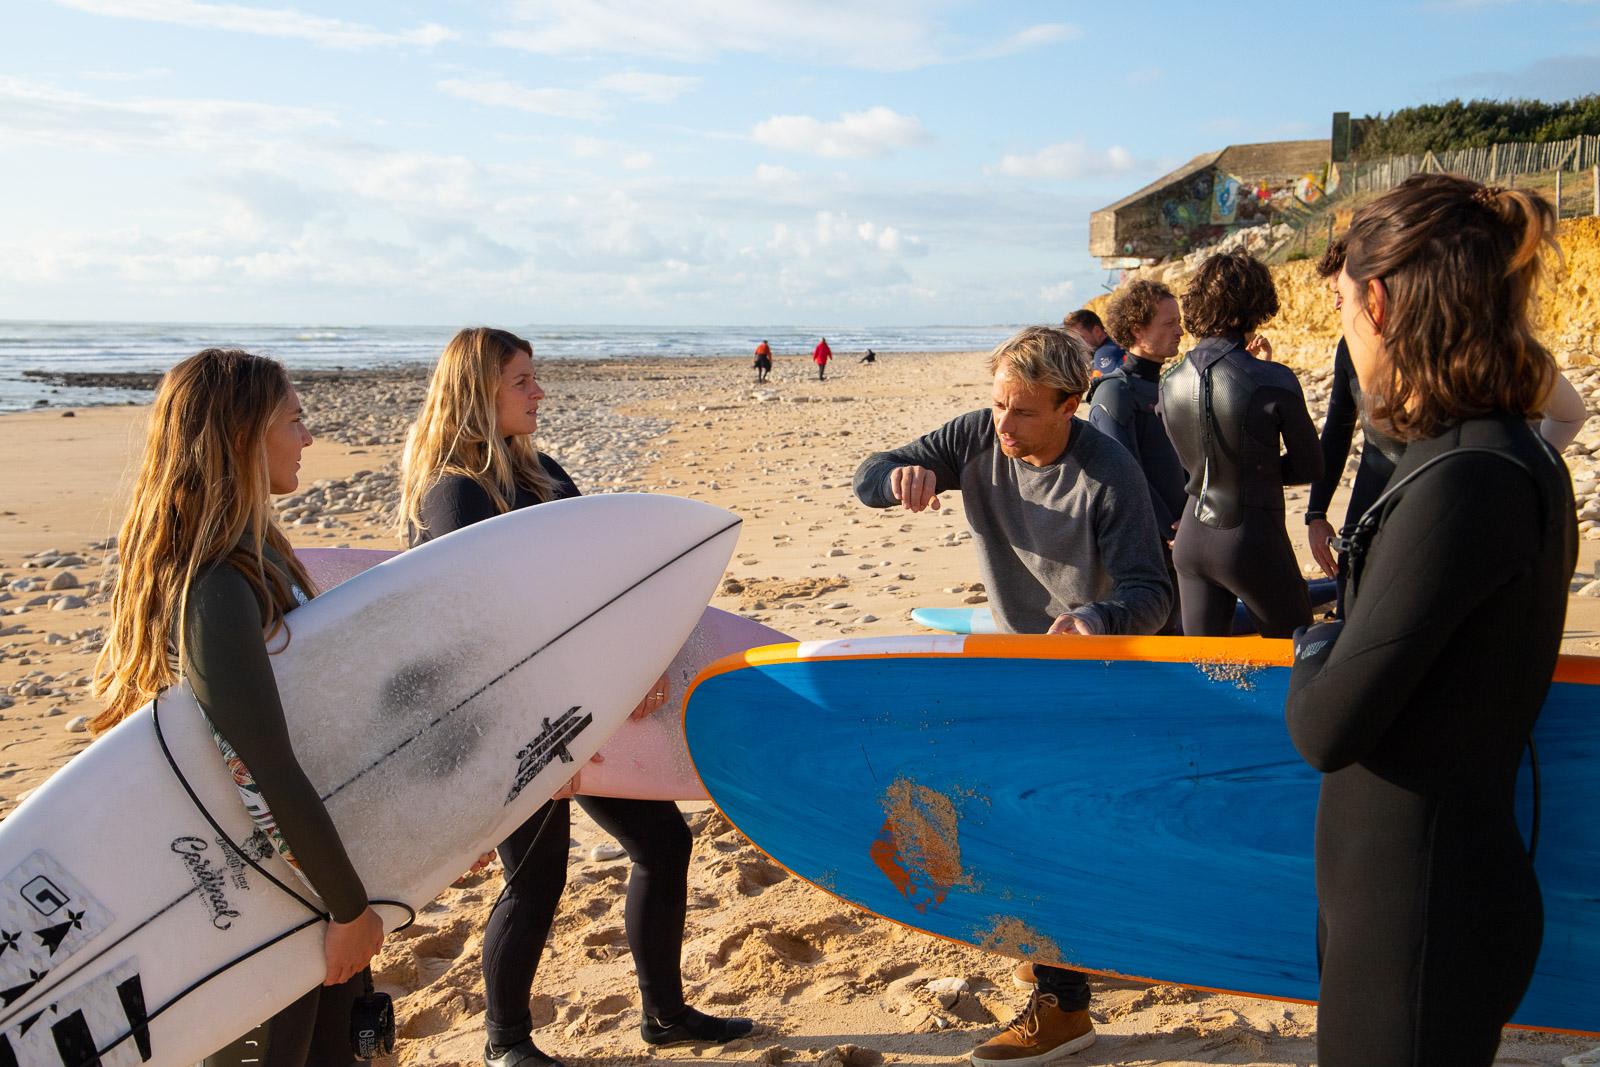 cours de surf avec l'école de surf Surf'in Ré sur l'ile de Ré